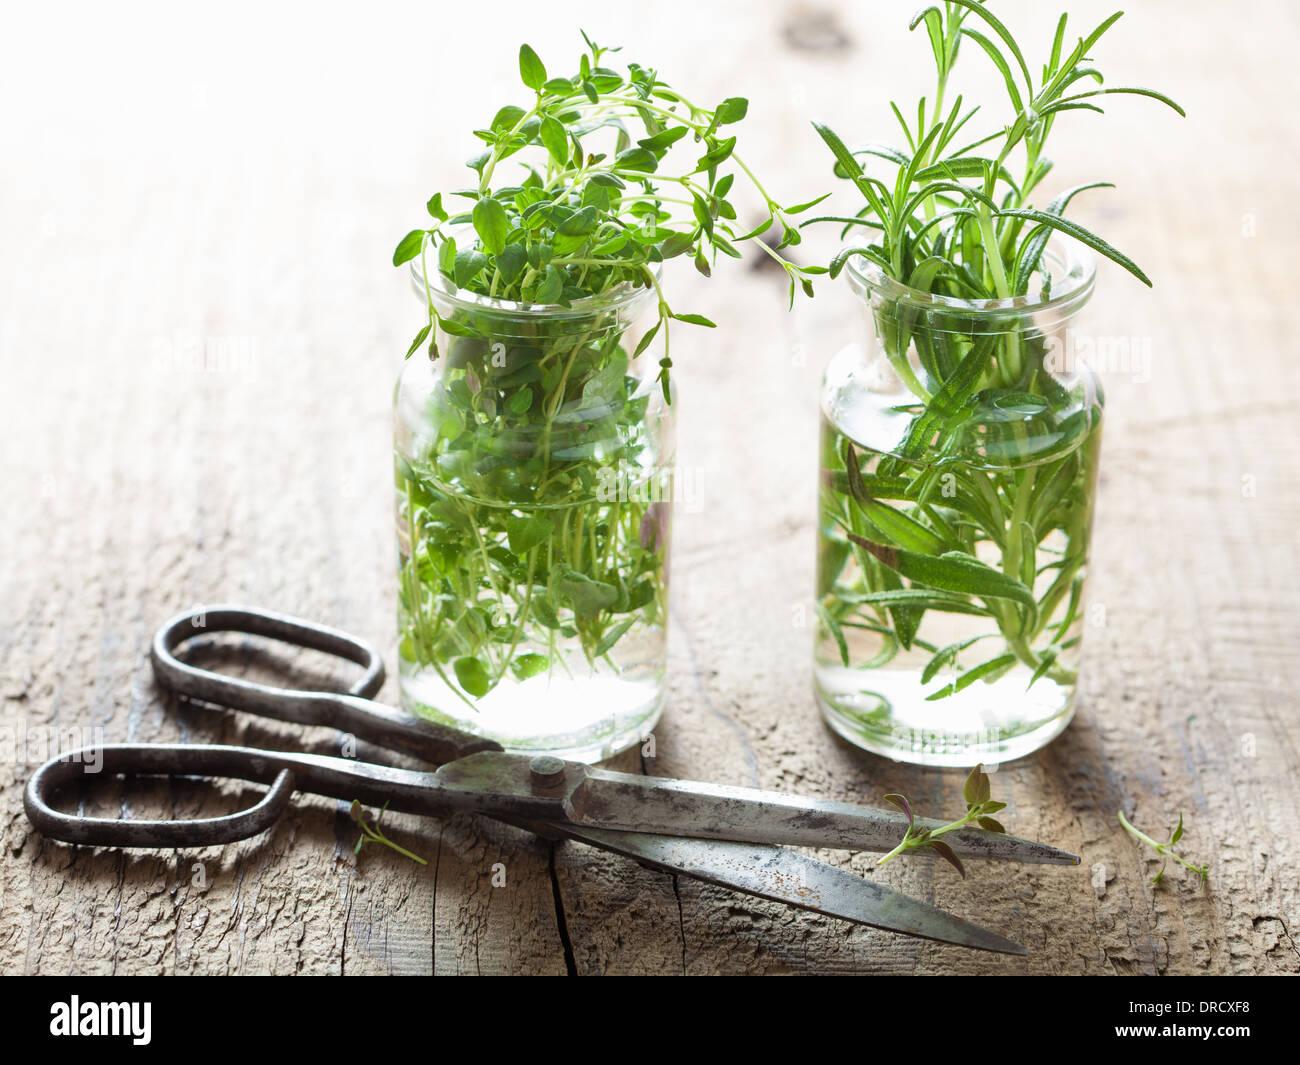 Di timo fresco e rosmarino erbe in vetro Immagini Stock